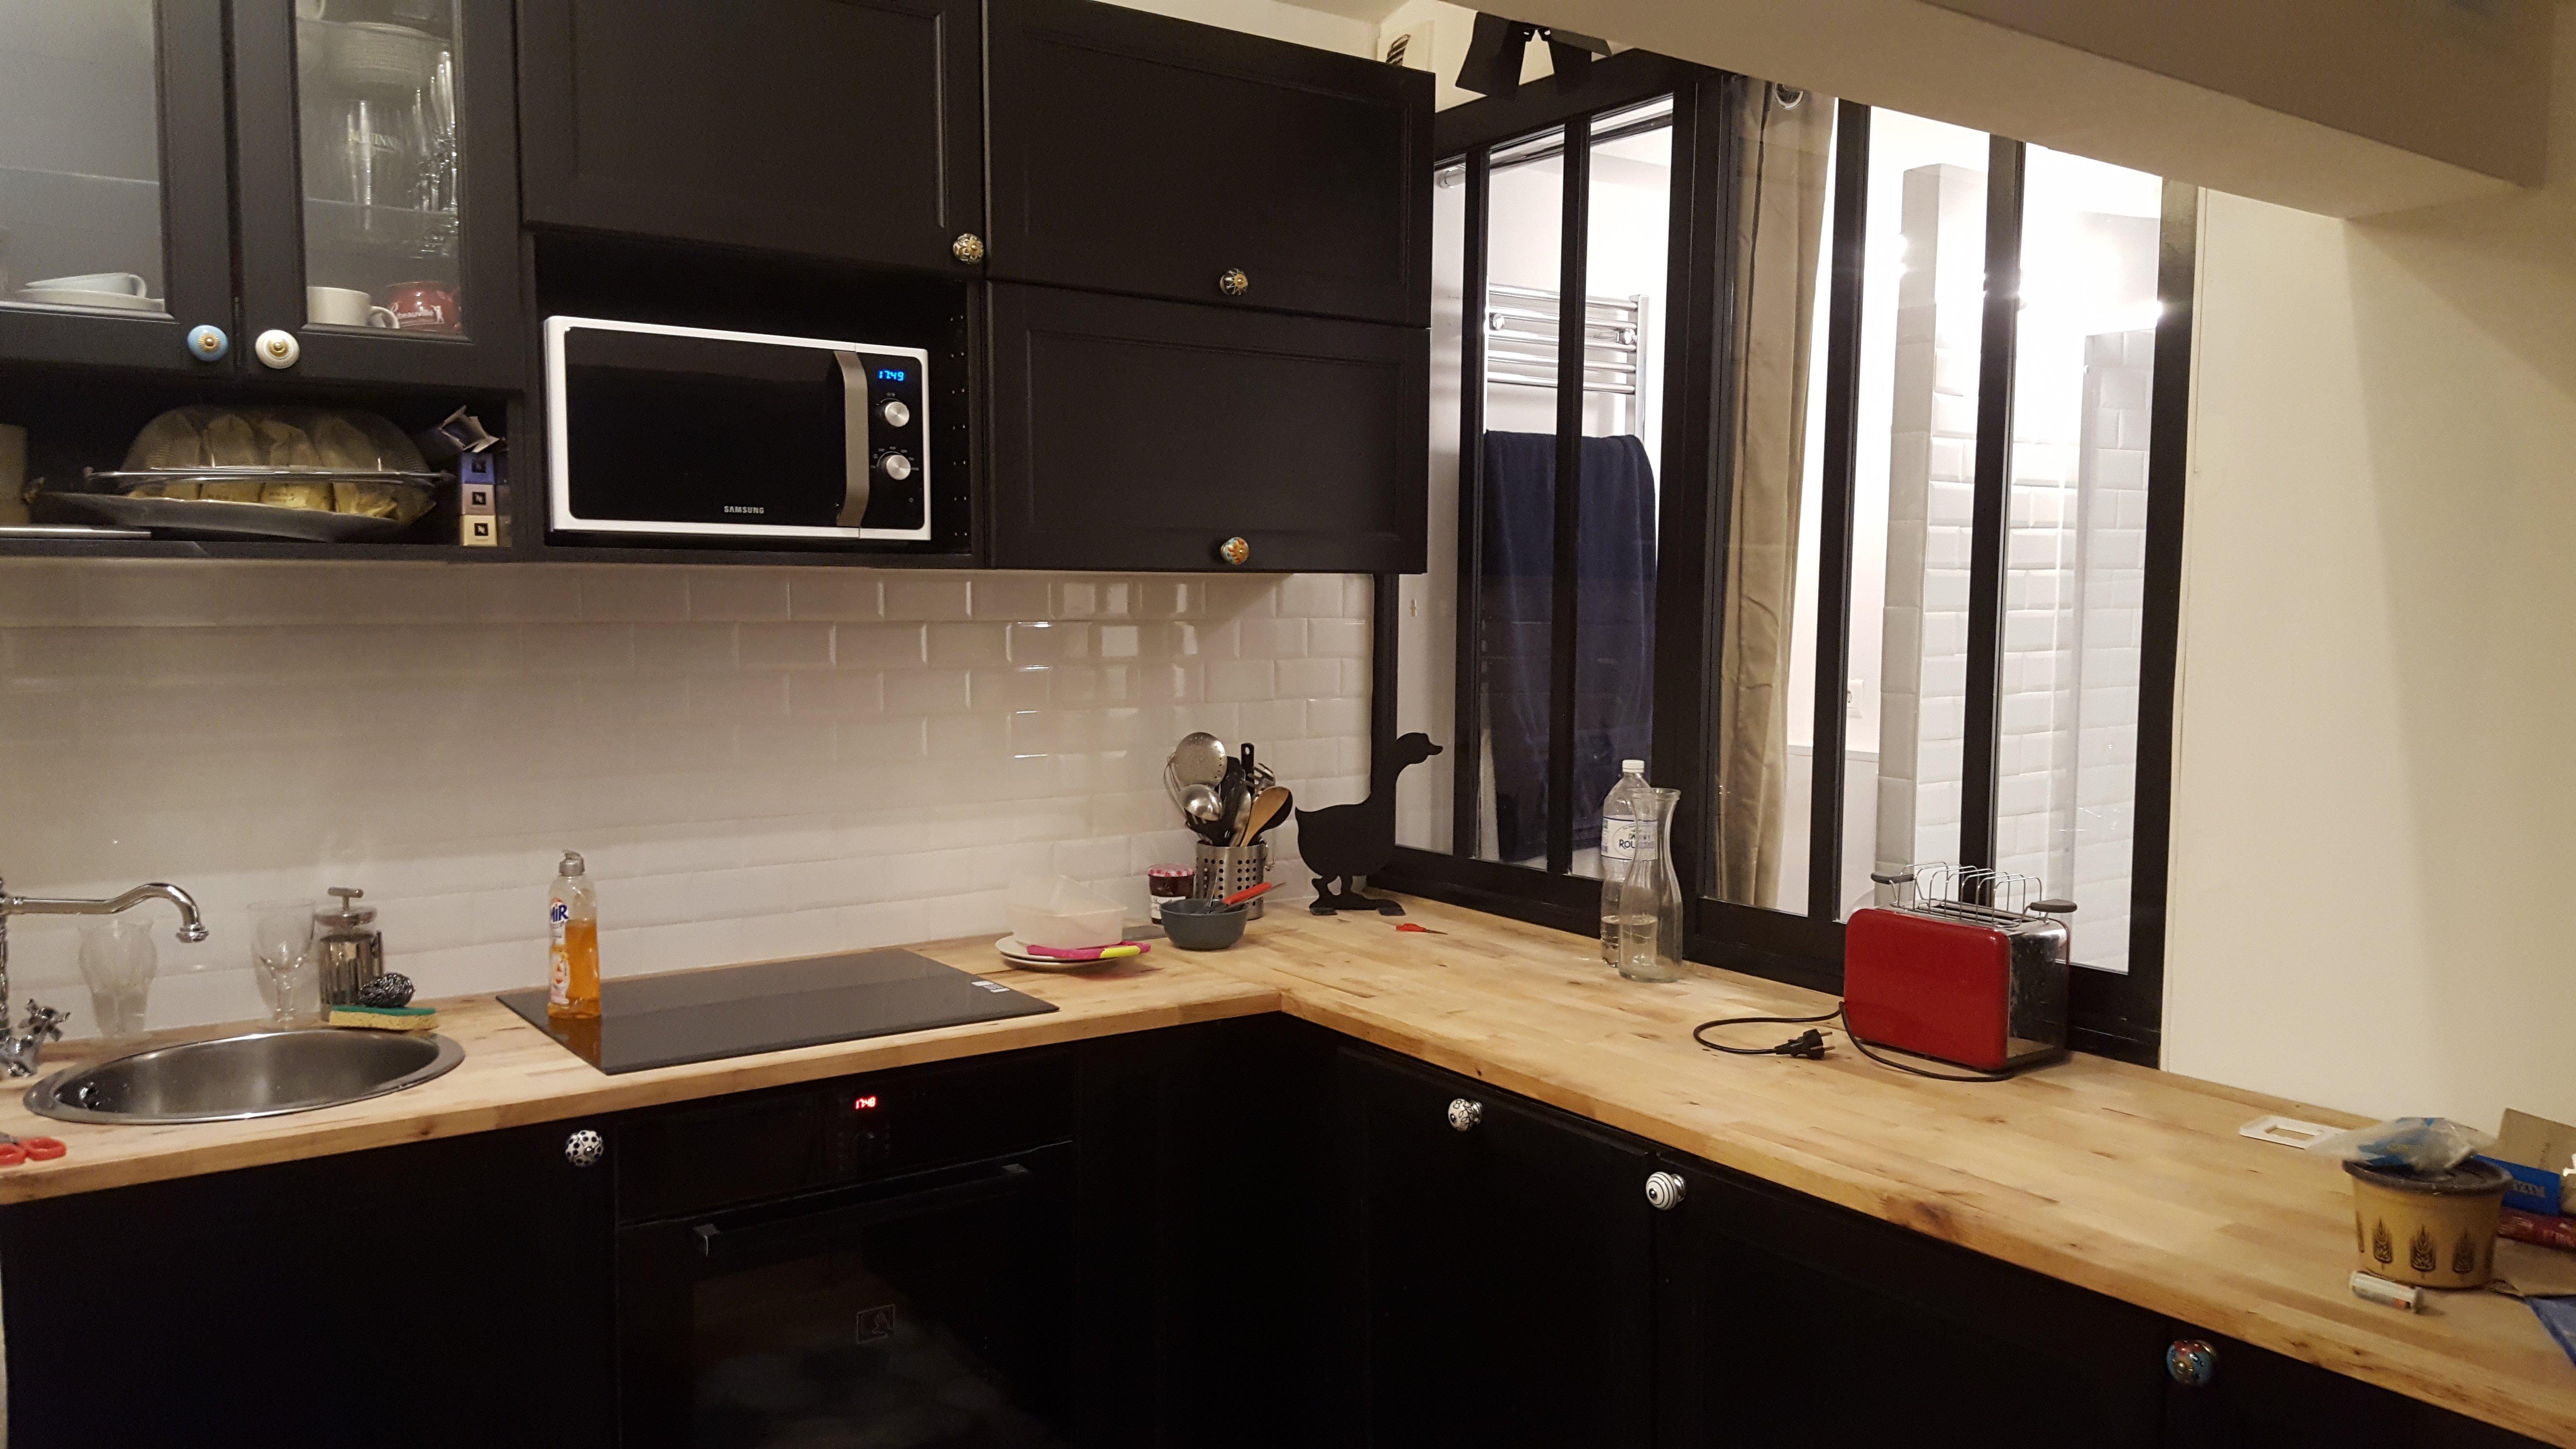 Hervorragend E2SO Concept - Aménagement d'une cuisine, style atelier d'artiste RI09